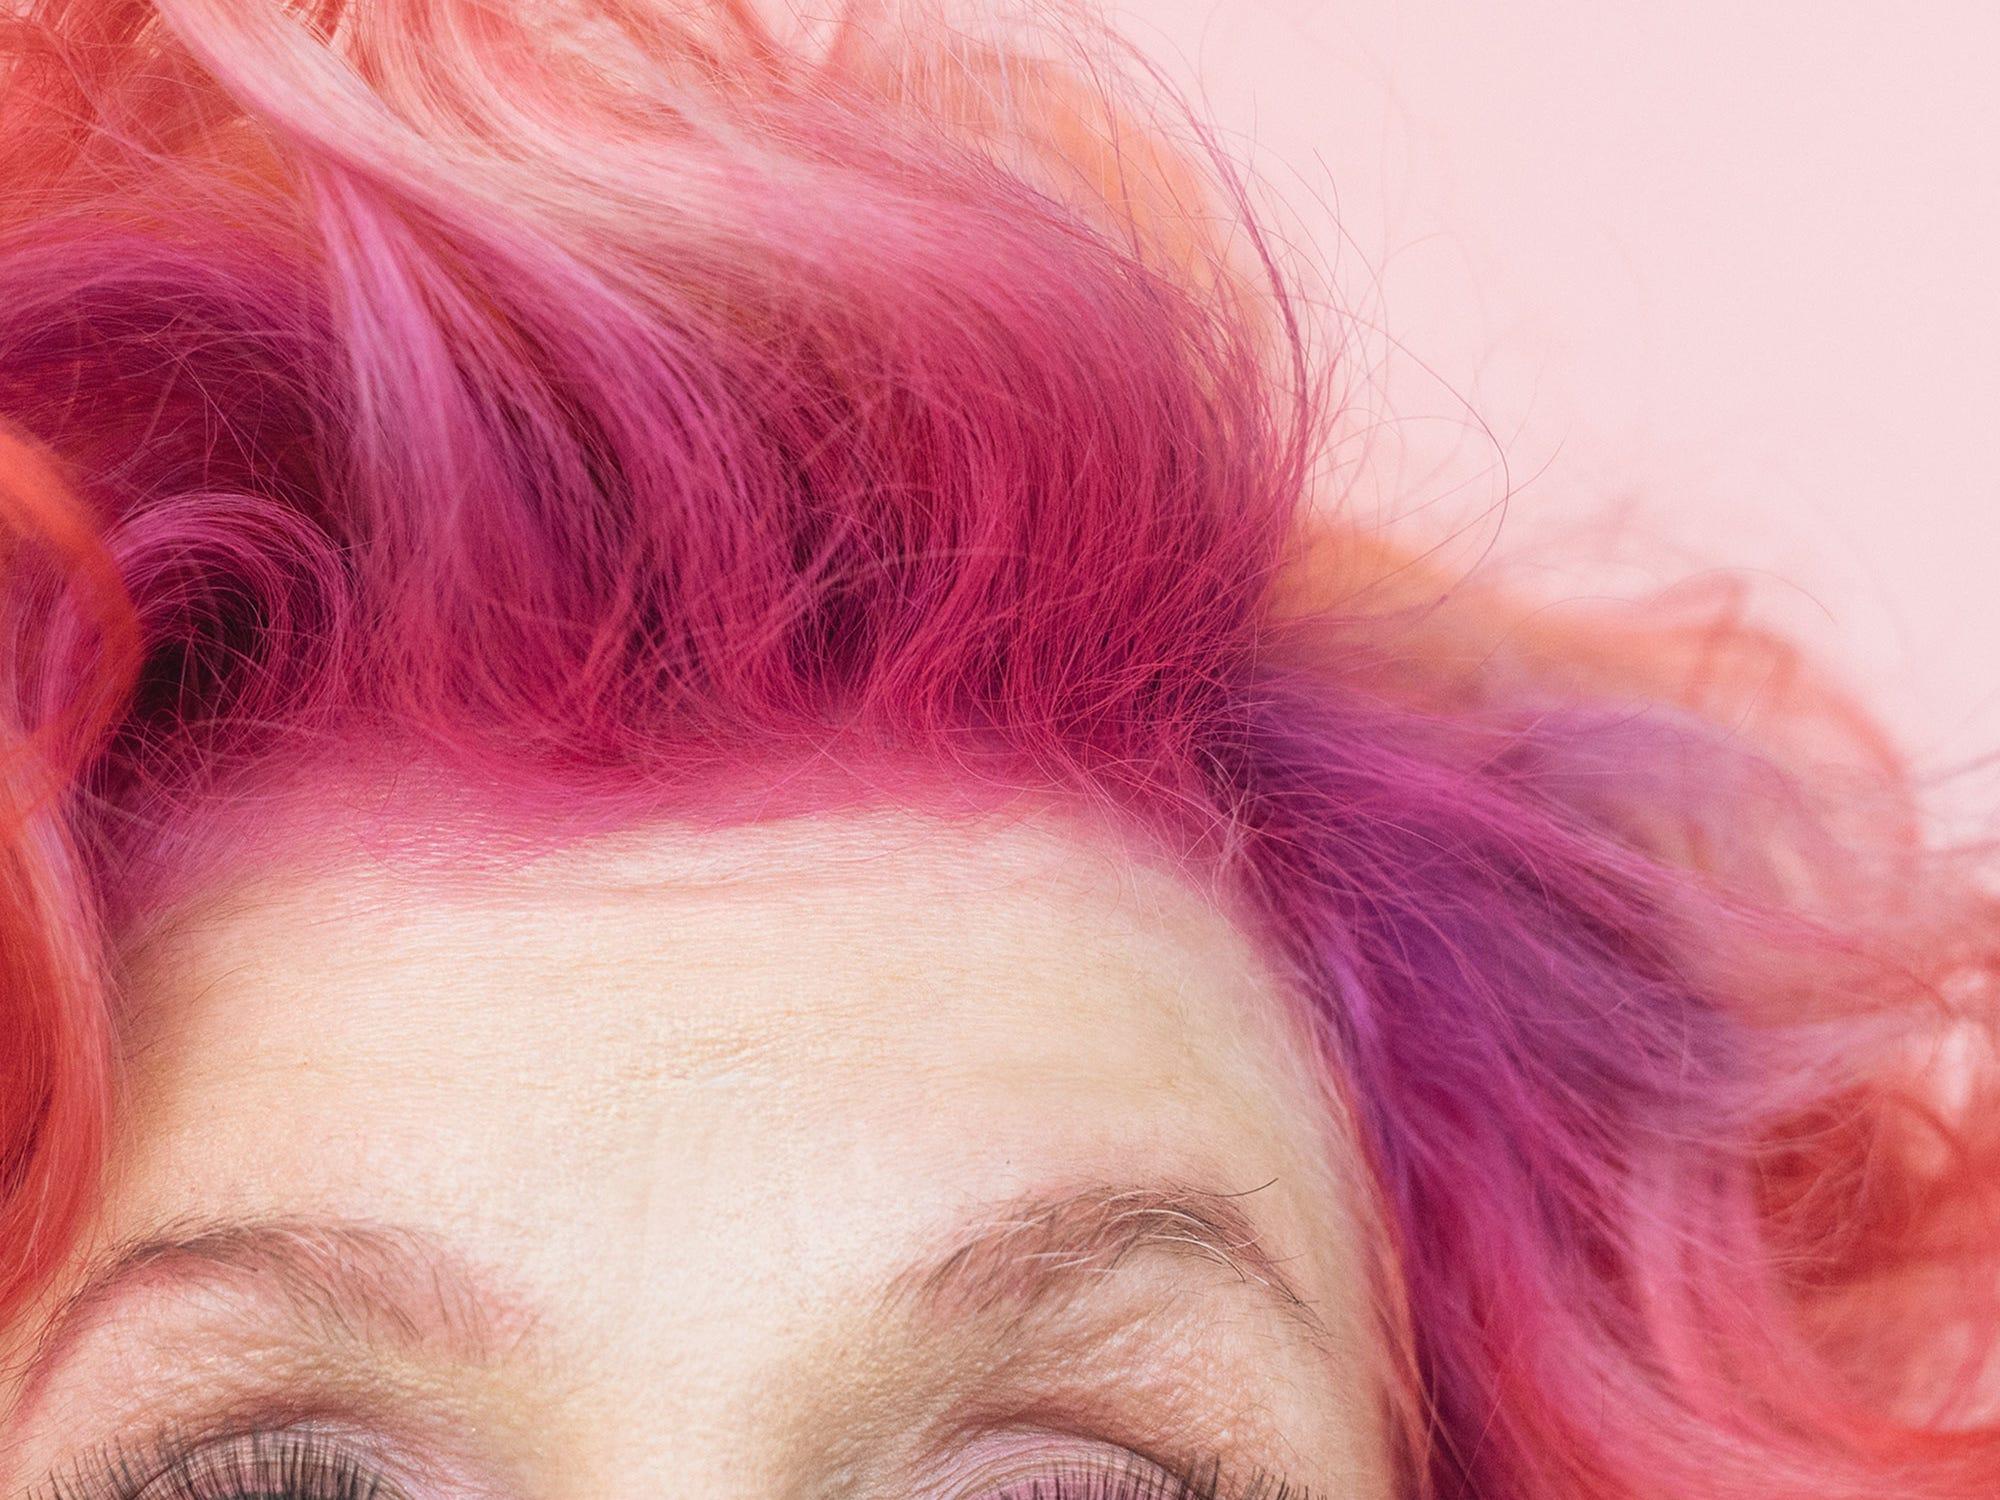 Über haarfarbe 60 frauen Russische Frauen